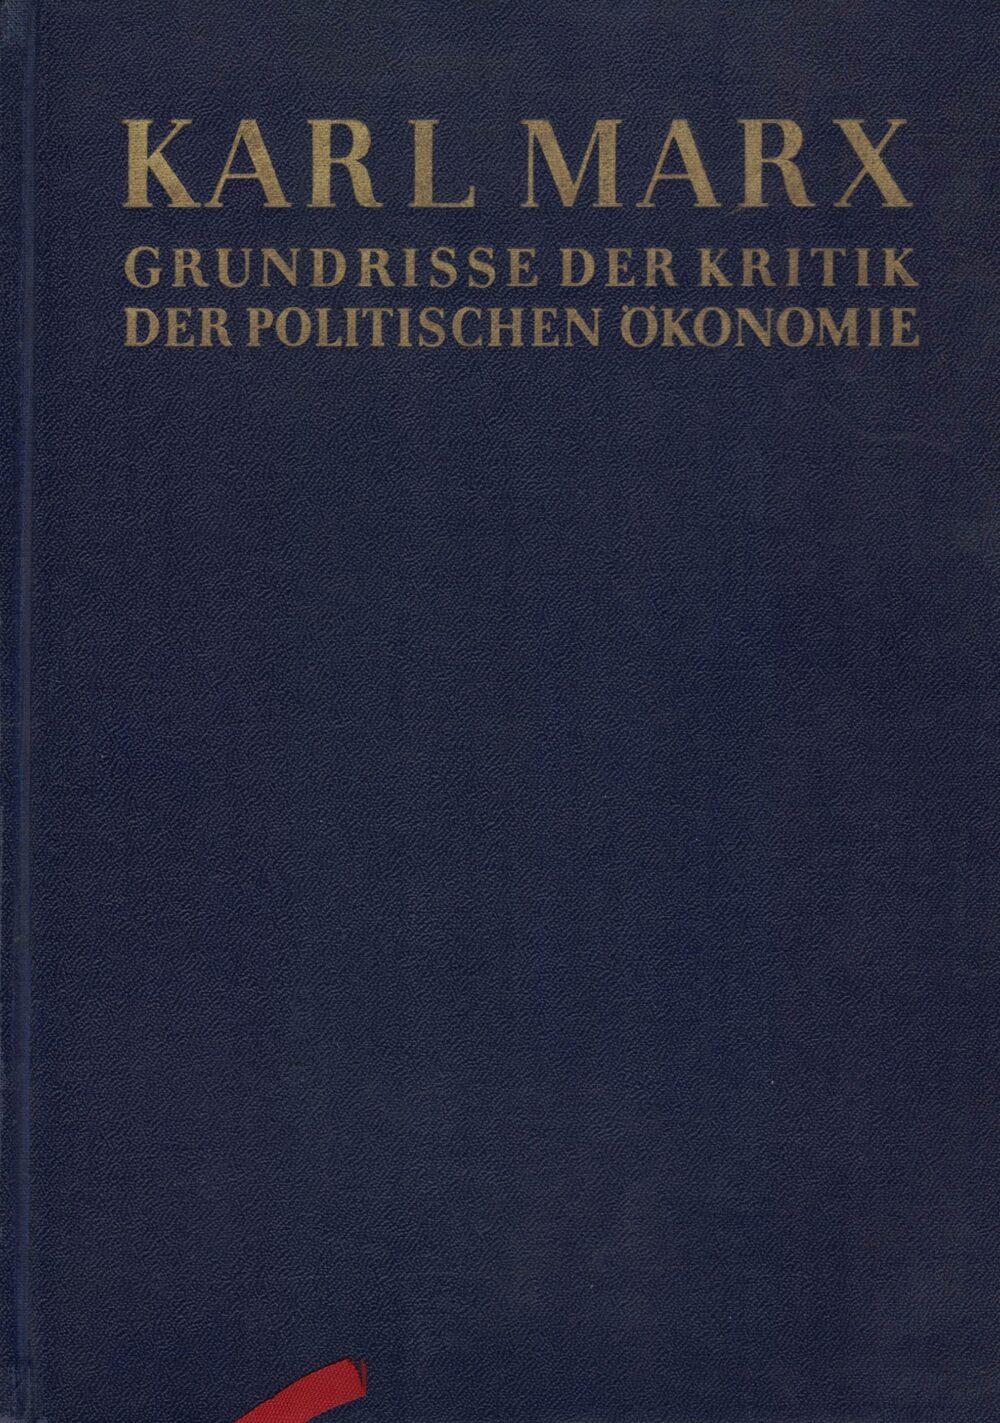 Karl Marx - Grundrisse der Kritik der Politischen Ökonomie